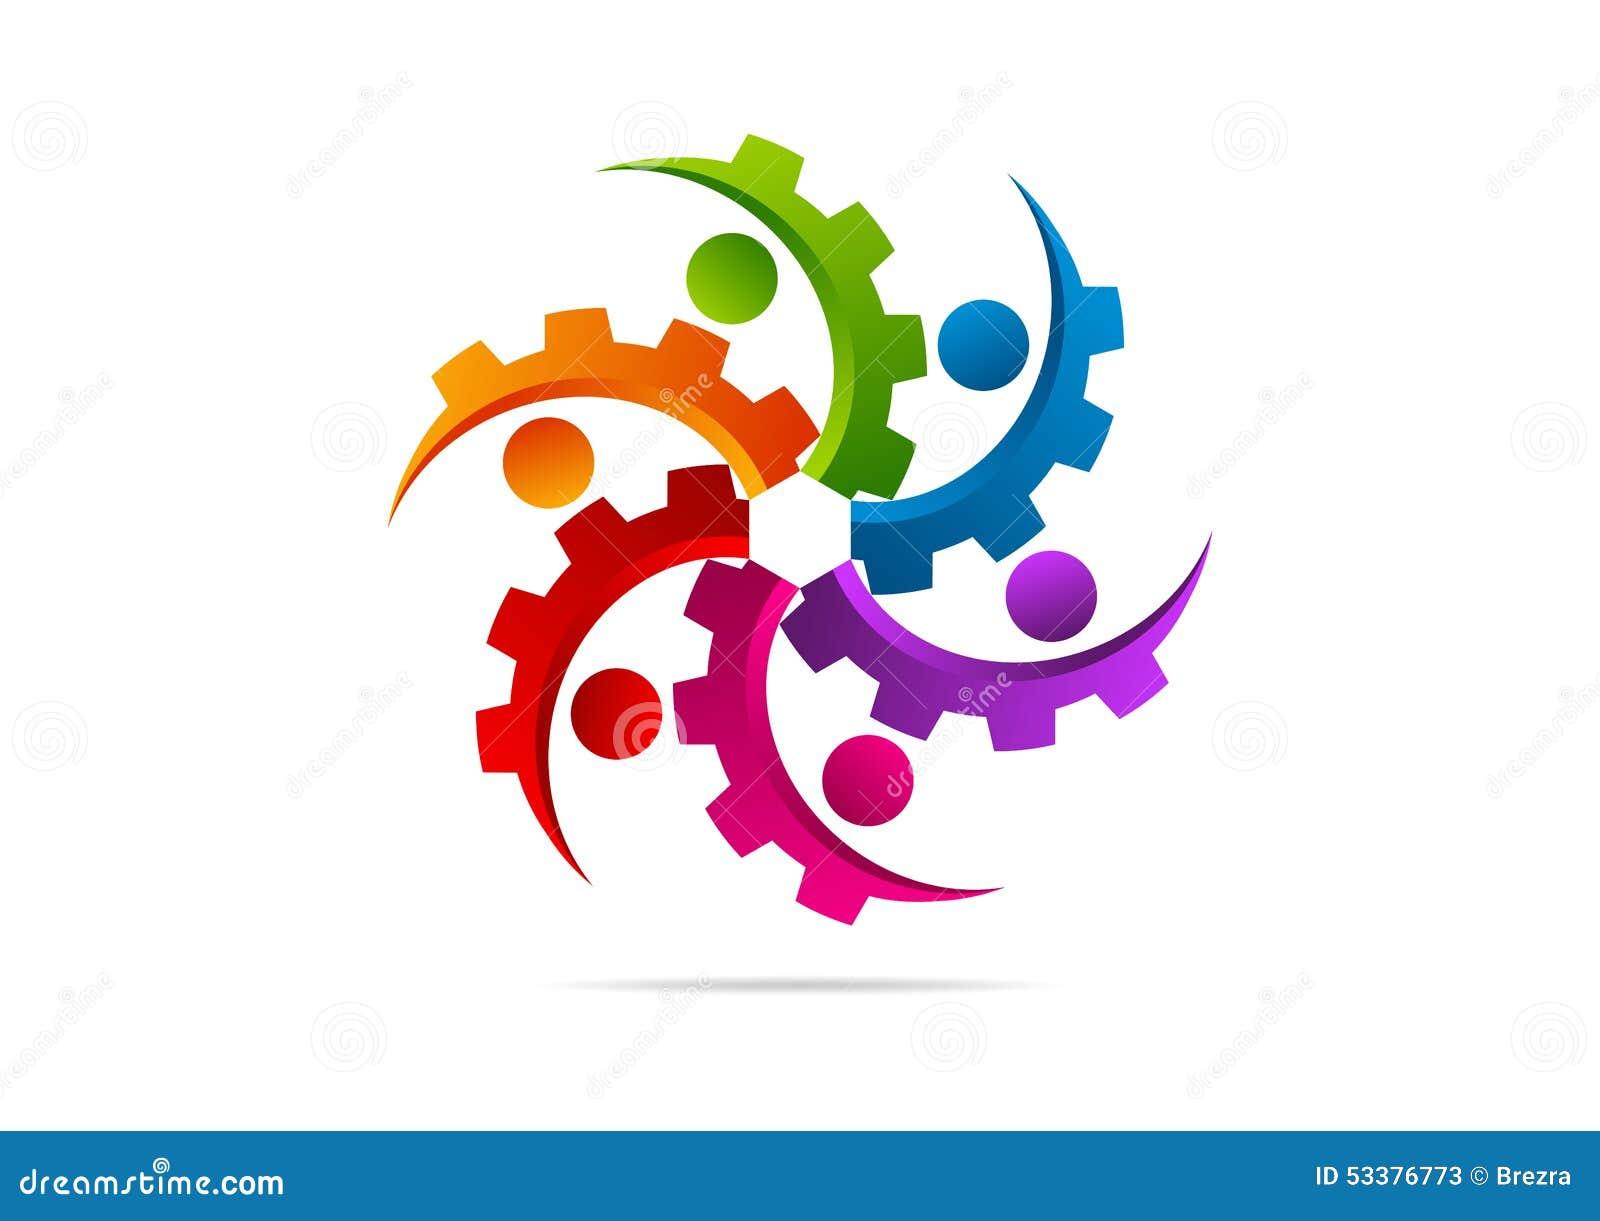 Gear, Engine, Machine, Teamwork, Connection Logo Design